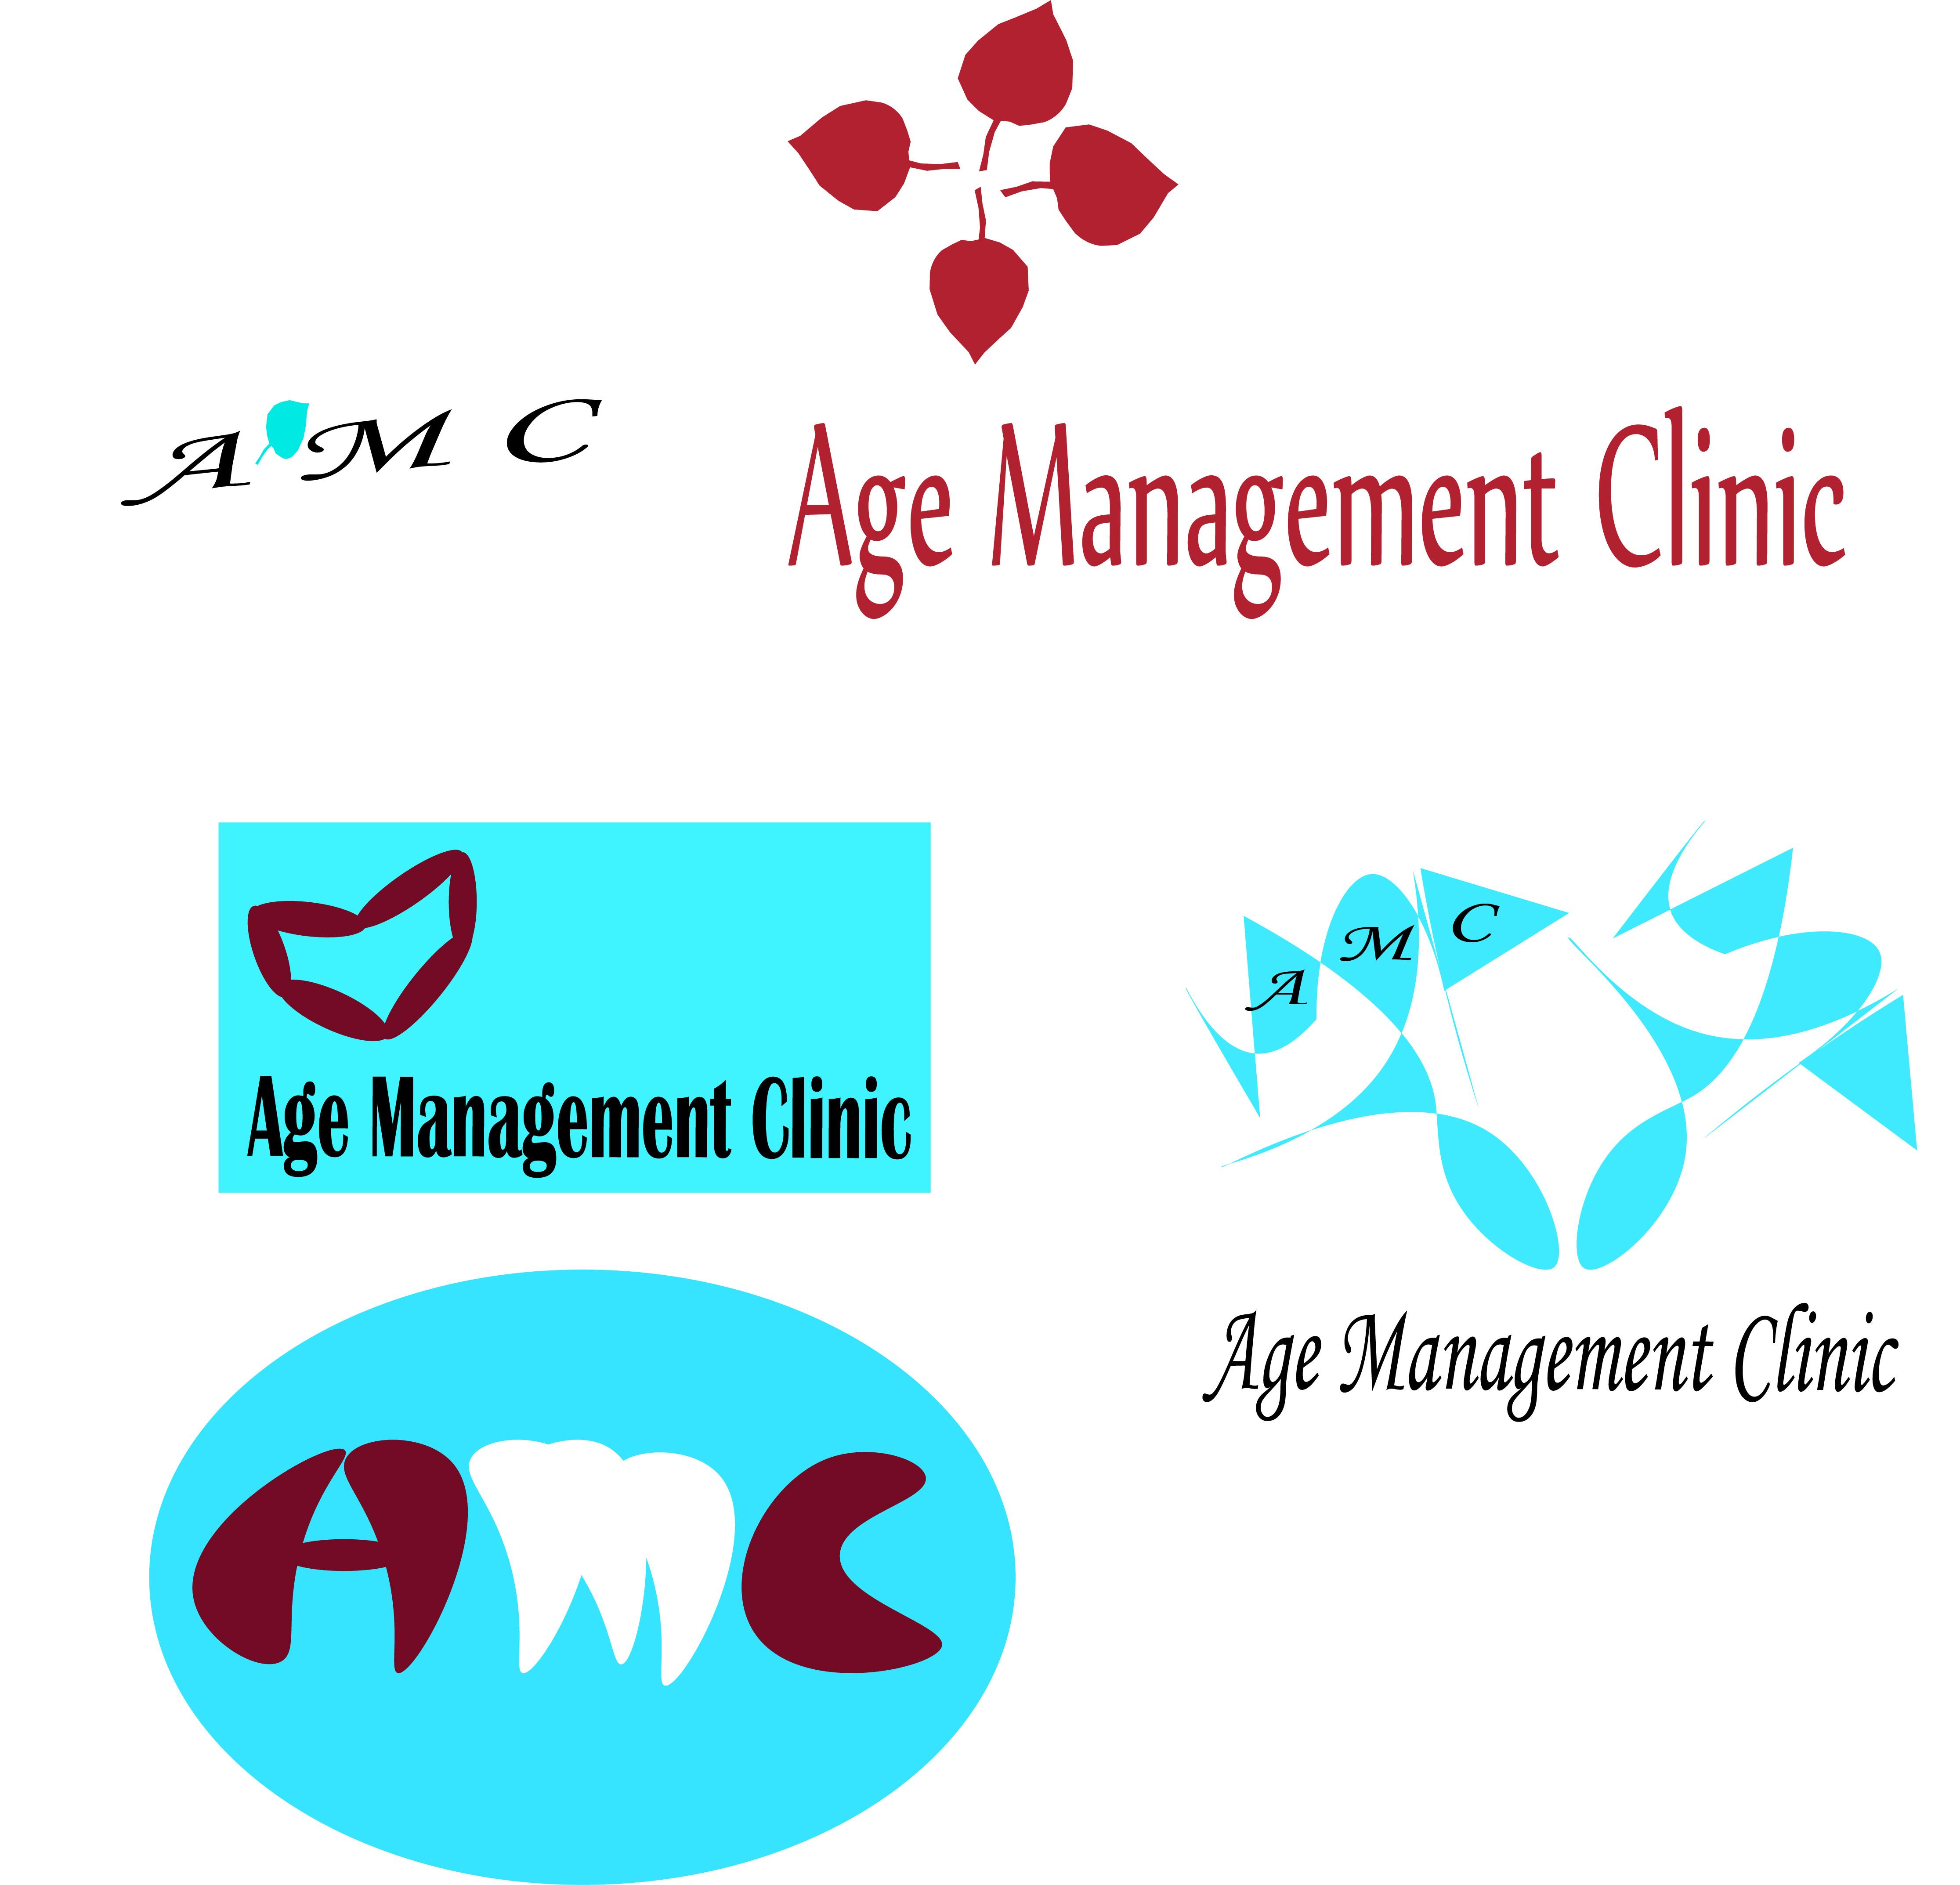 Логотип для медицинского центра (клиники)  фото f_9865b9c06655045b.jpg